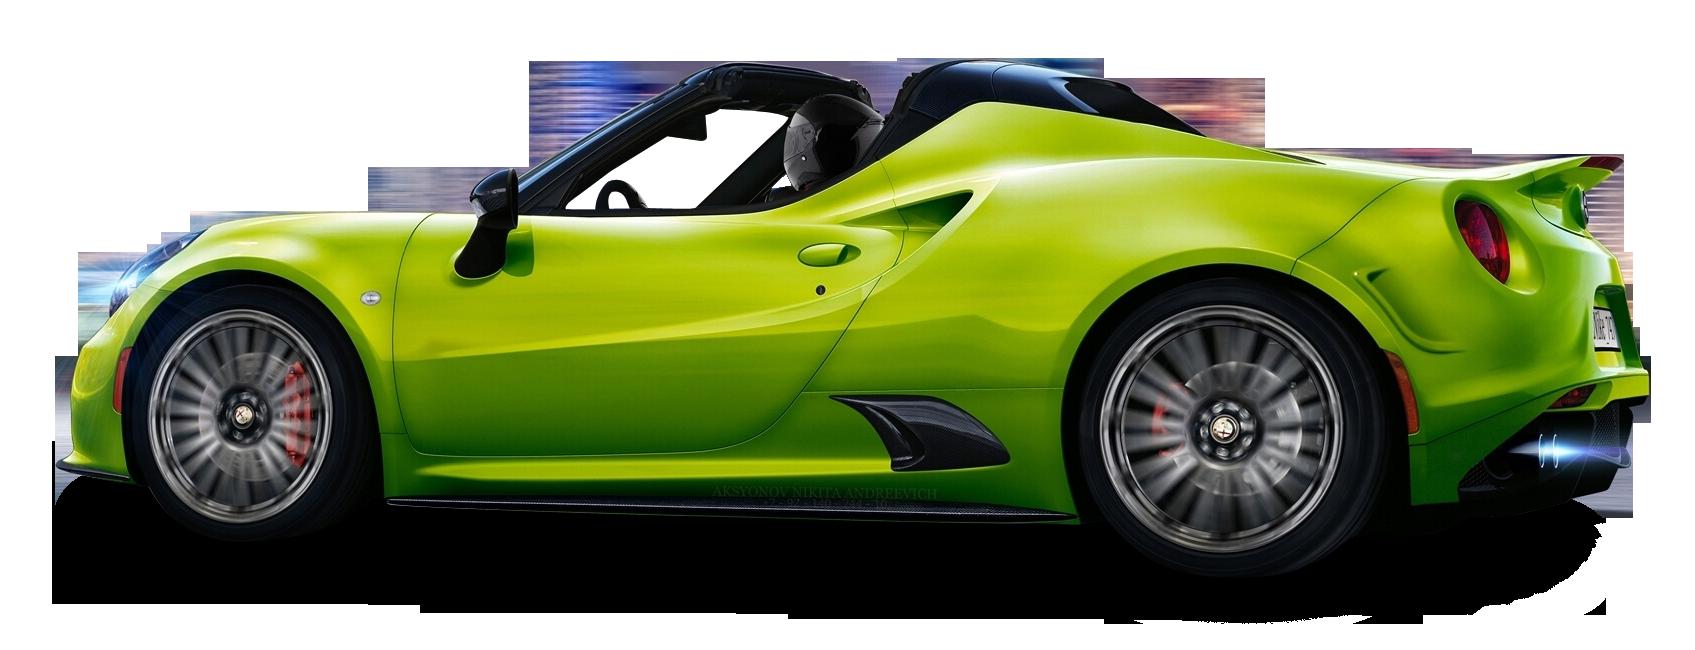 Alfa Romeo PNG Image